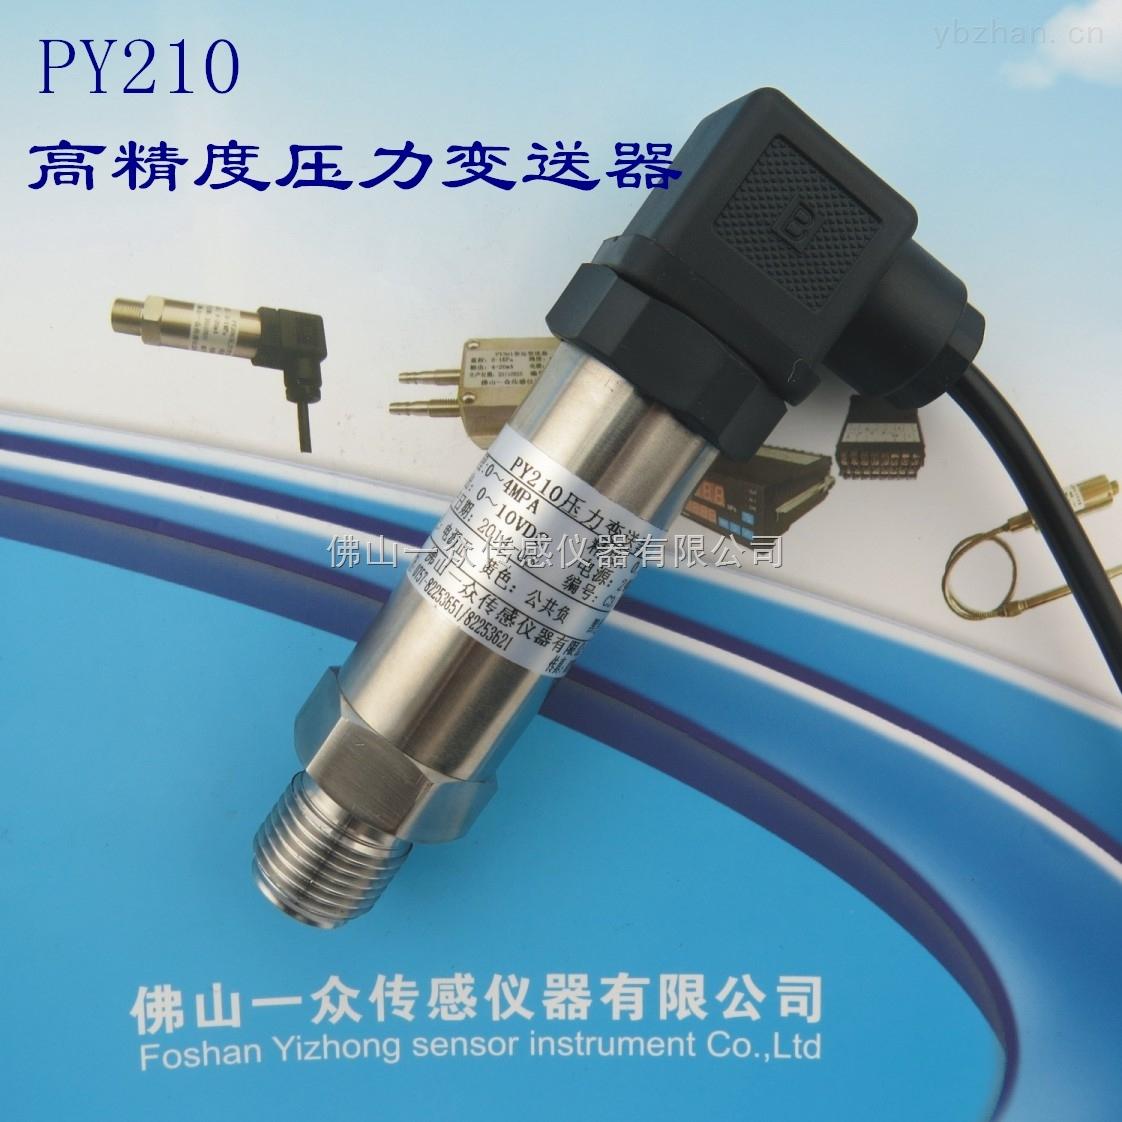 供水管道水压传感器,油管油压传感器,自来水水压变送器